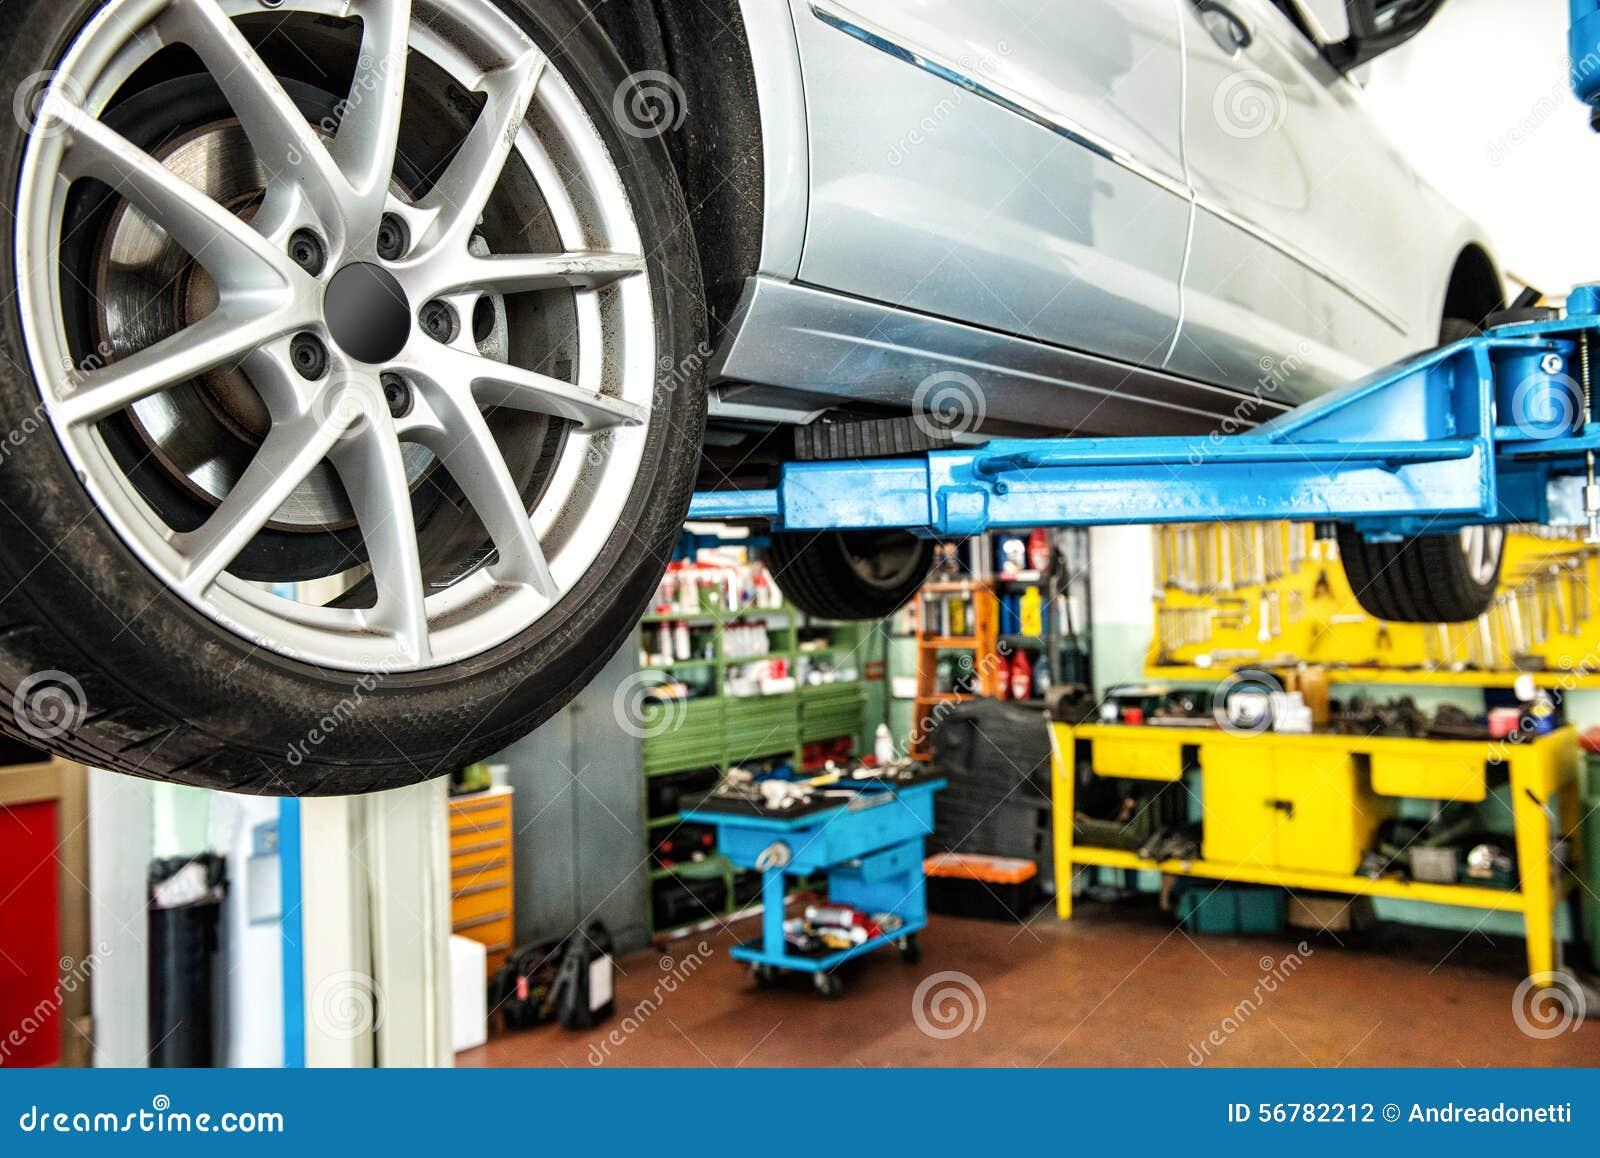 Auto op een lift of hijstoestel in een workshop